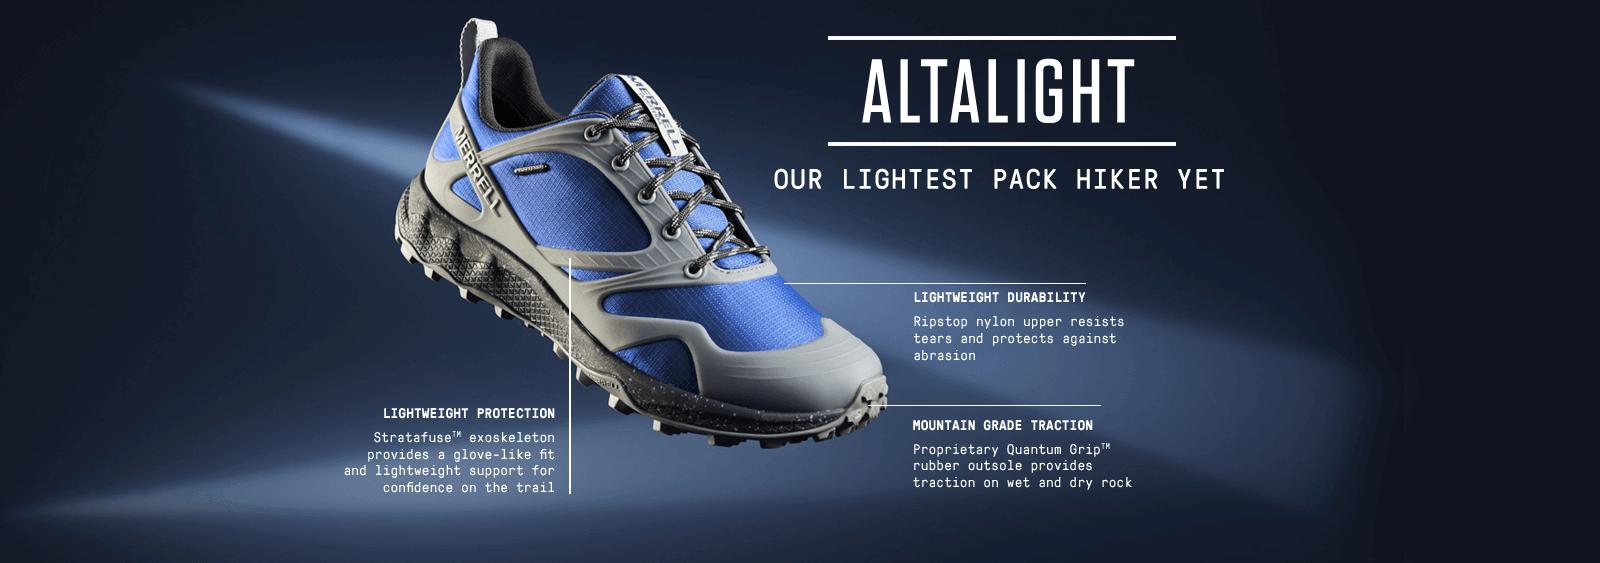 Altalight Merrell Shoe